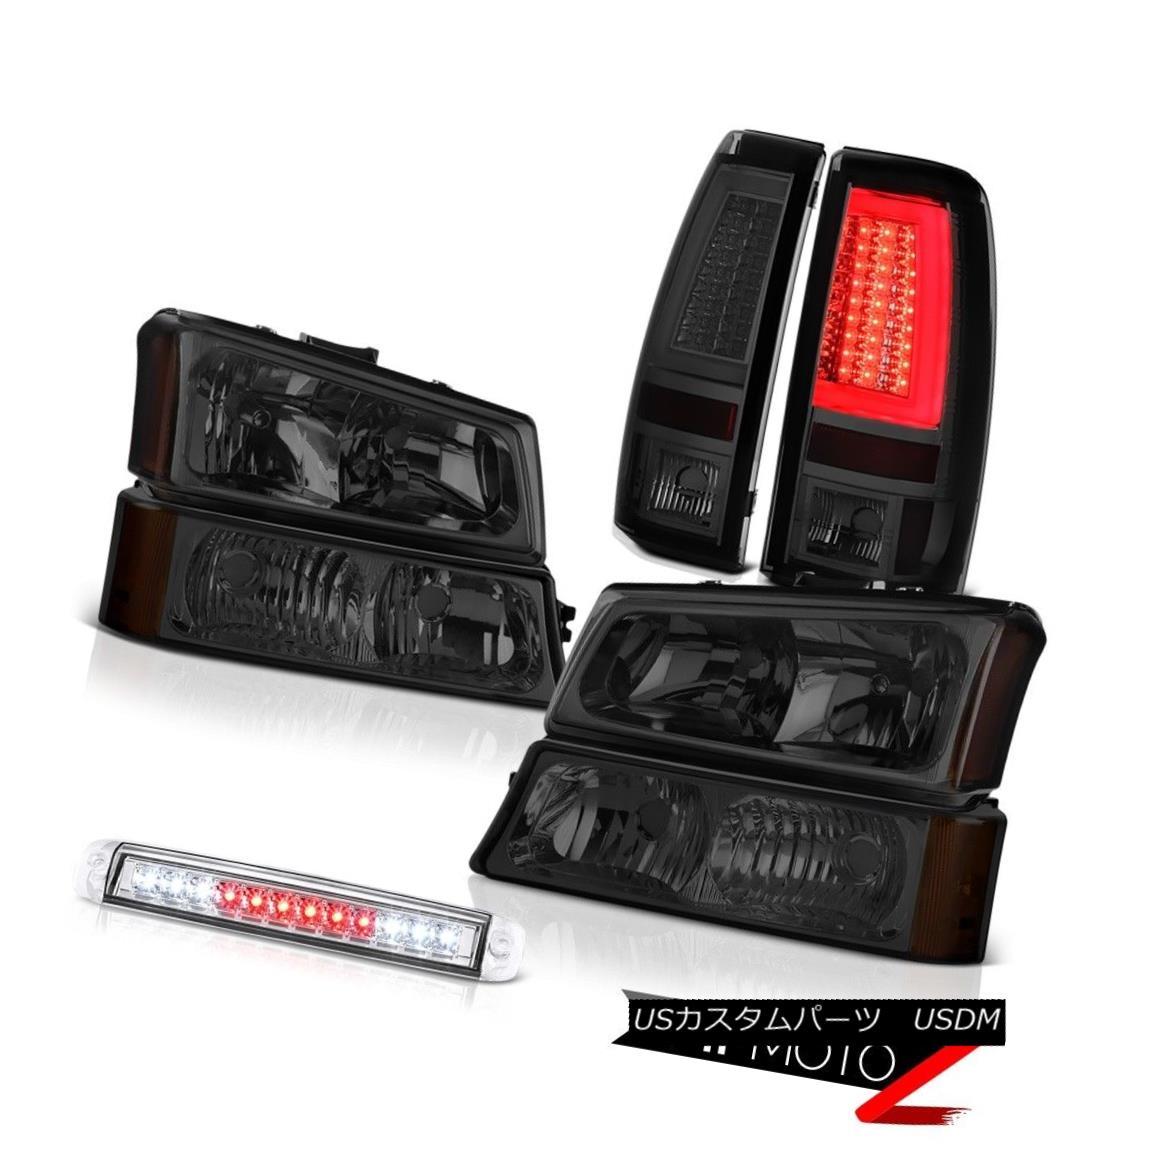 テールライト 03 04 05 06 Silverado 1500 Tail Lights 3RD Brake Light Headlights Neon Tube LED 03 04 05 06 Silverado 1500テールライト3RDブレーキライトヘッドライトネオンチューブLED